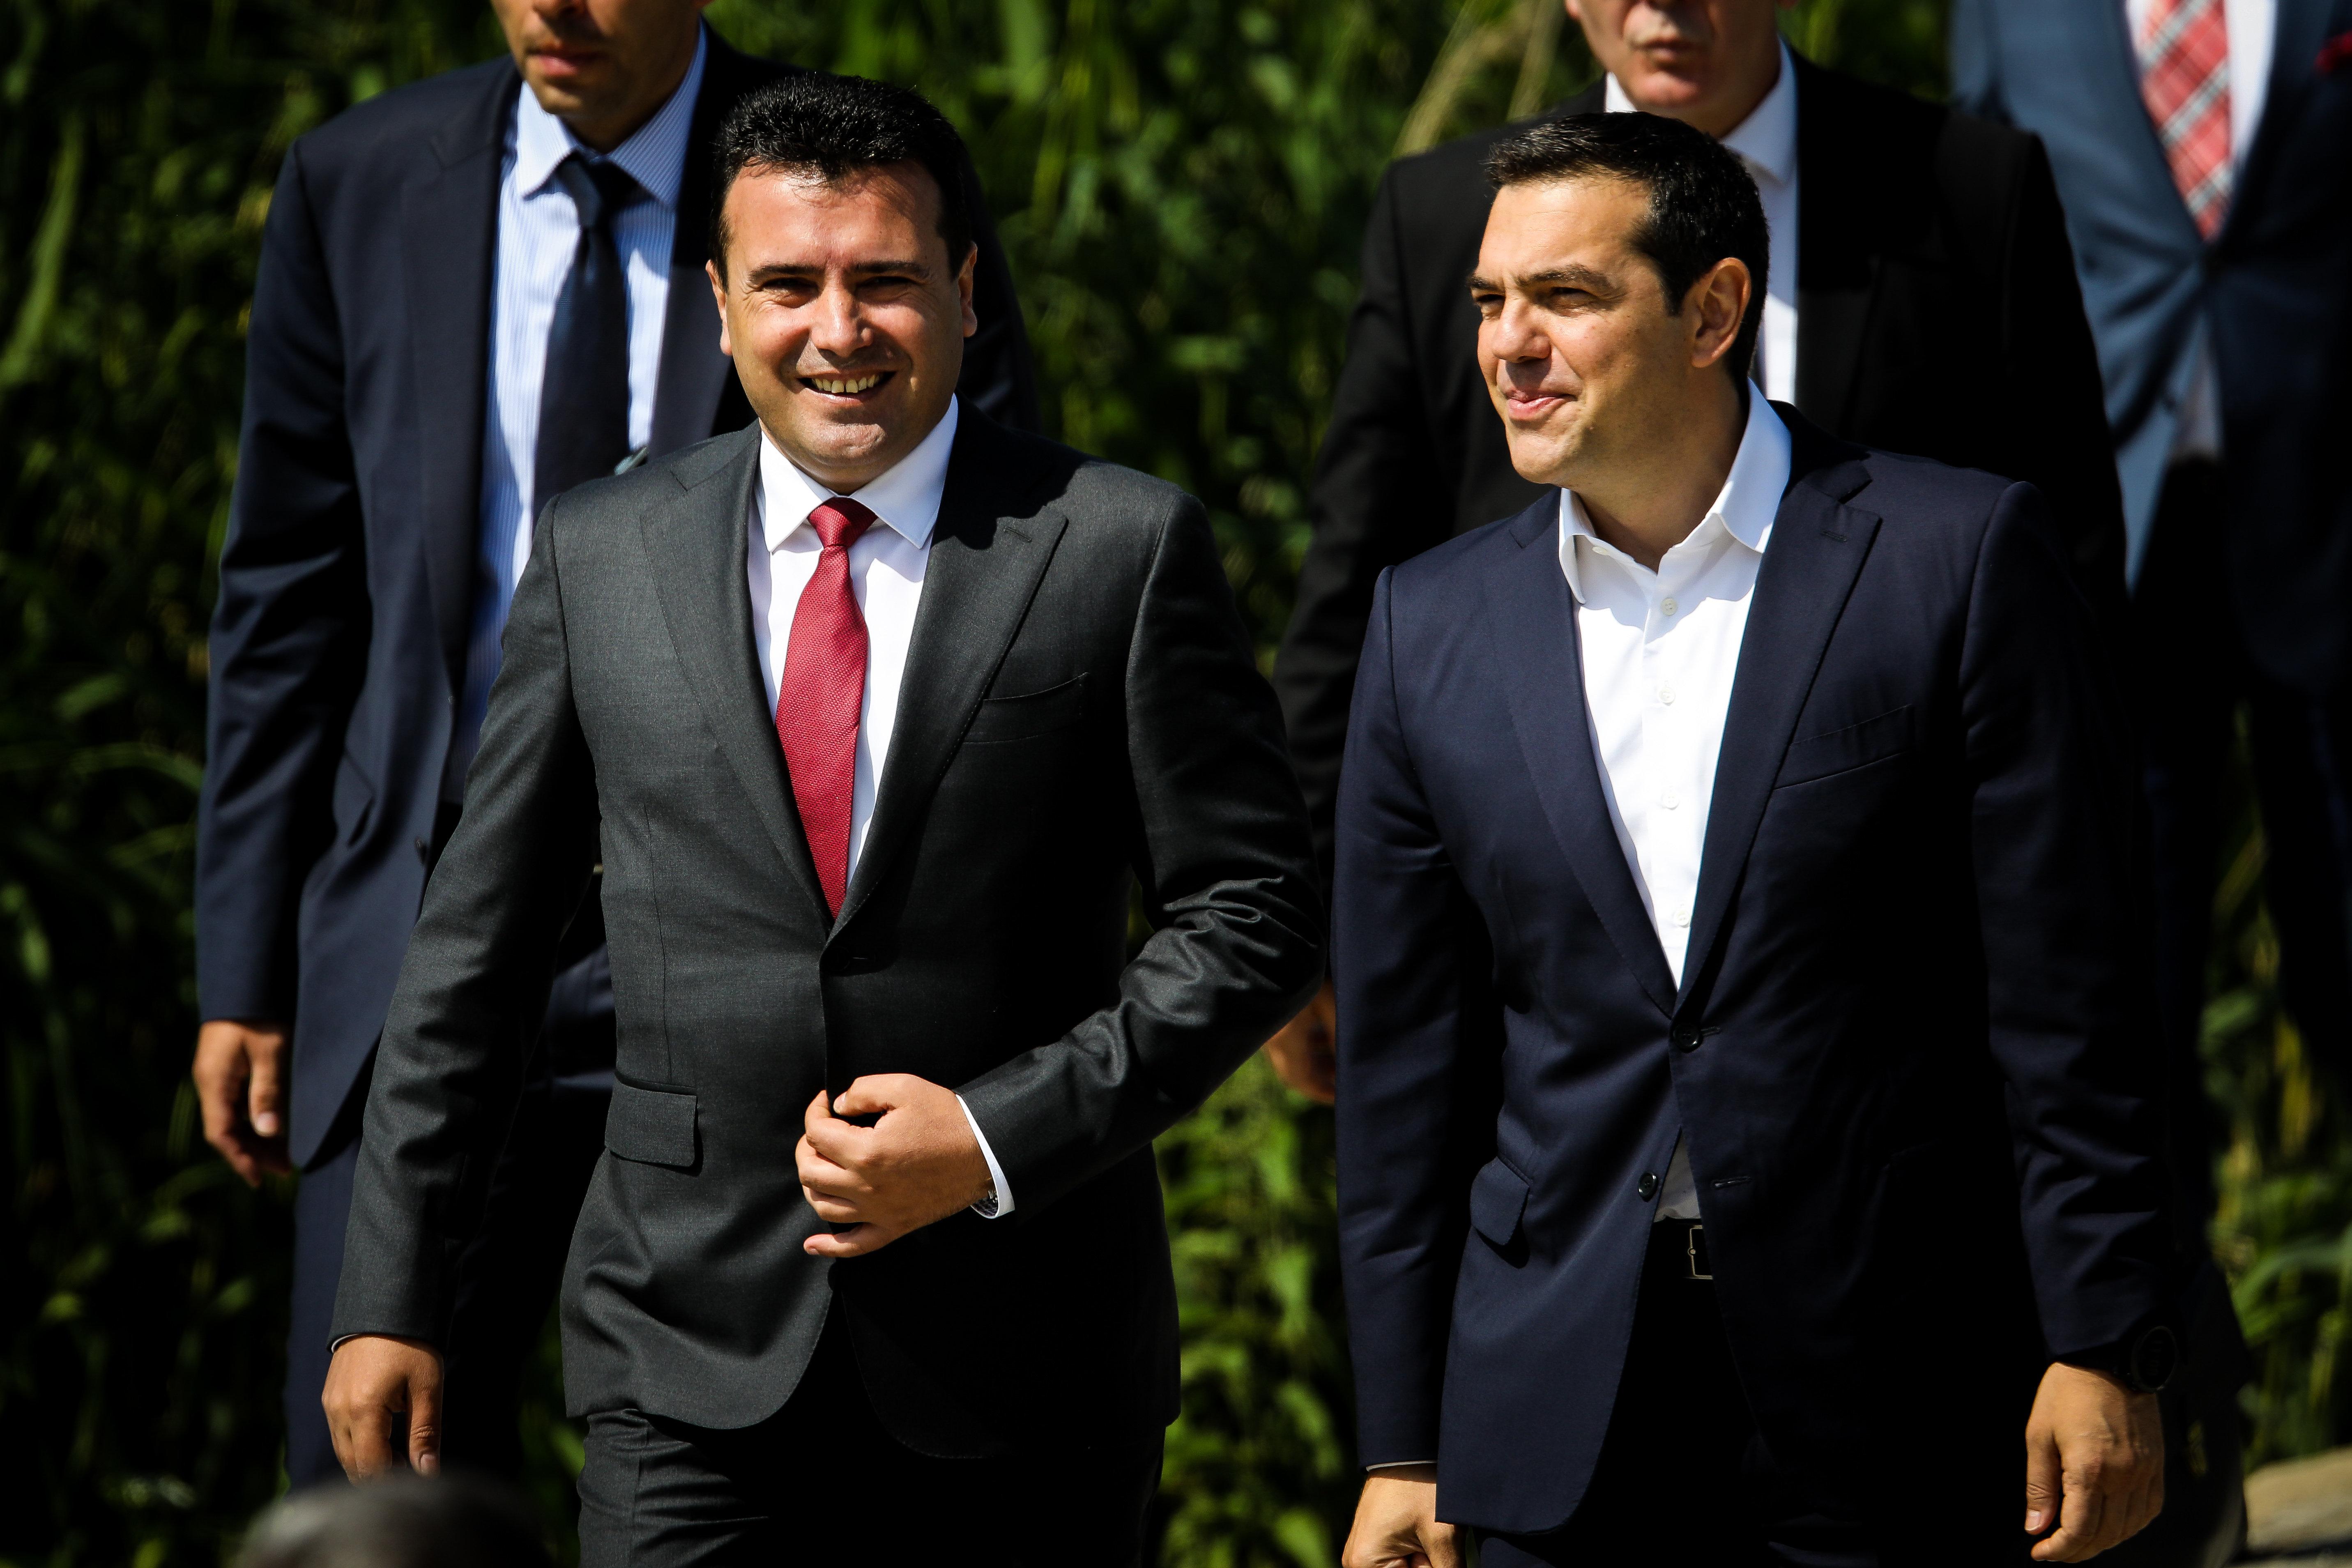 Τσίπρας και Ζάεφ και επίσημα υποψήφιοι για το Νόμπελ